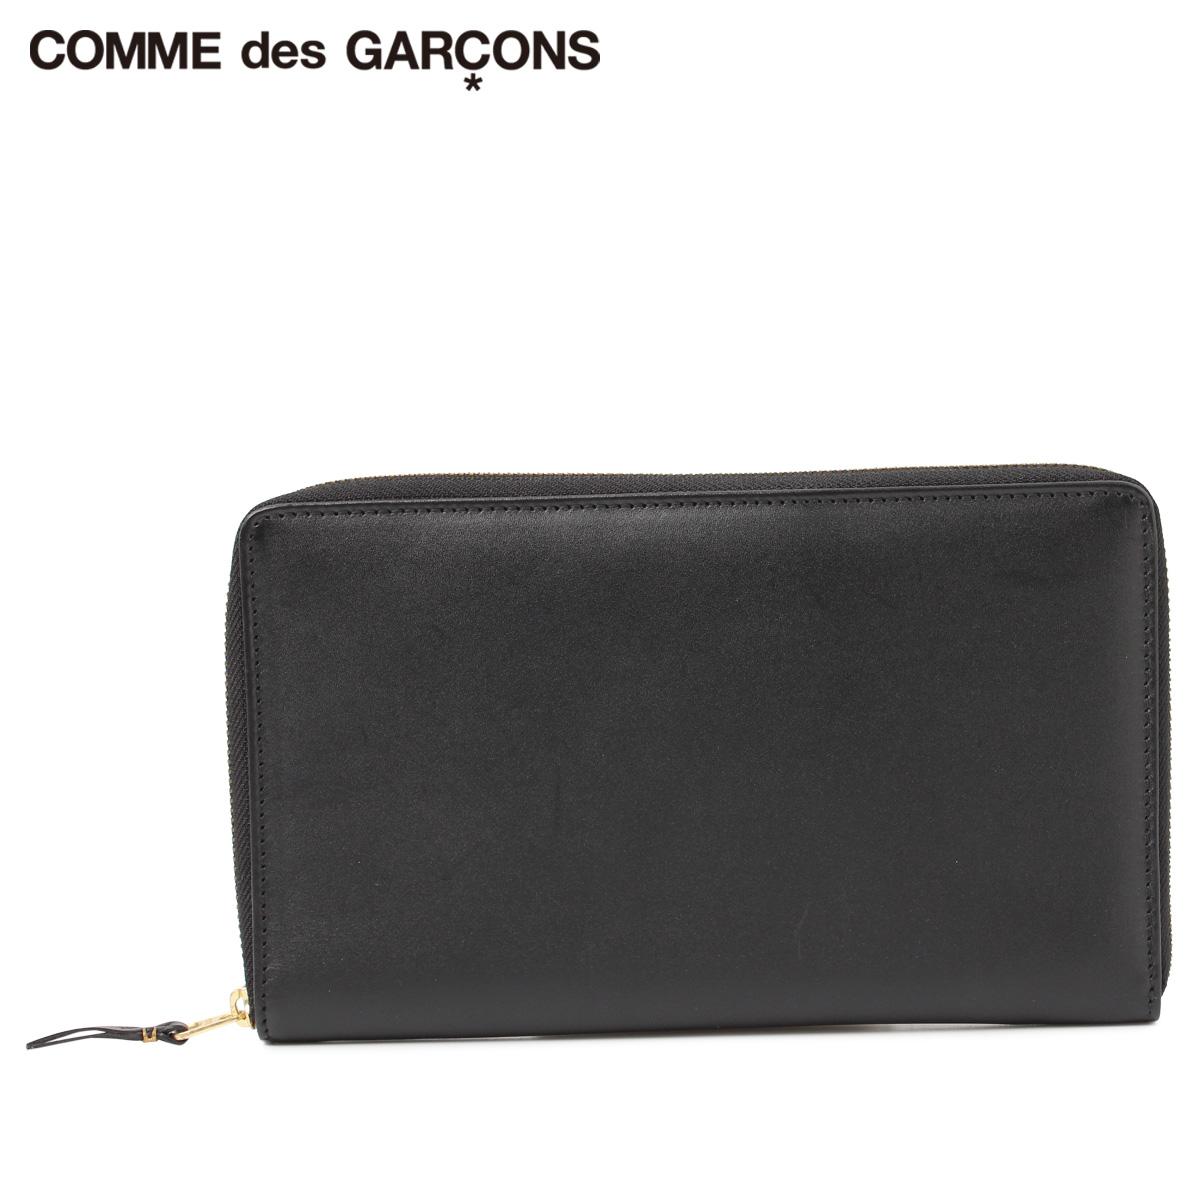 COMME des GARCONS CLASSIC ARECALF コムデギャルソン 財布 パスポートケース メンズ レディース ラウンドファスナー ブラック 黒 SA1000